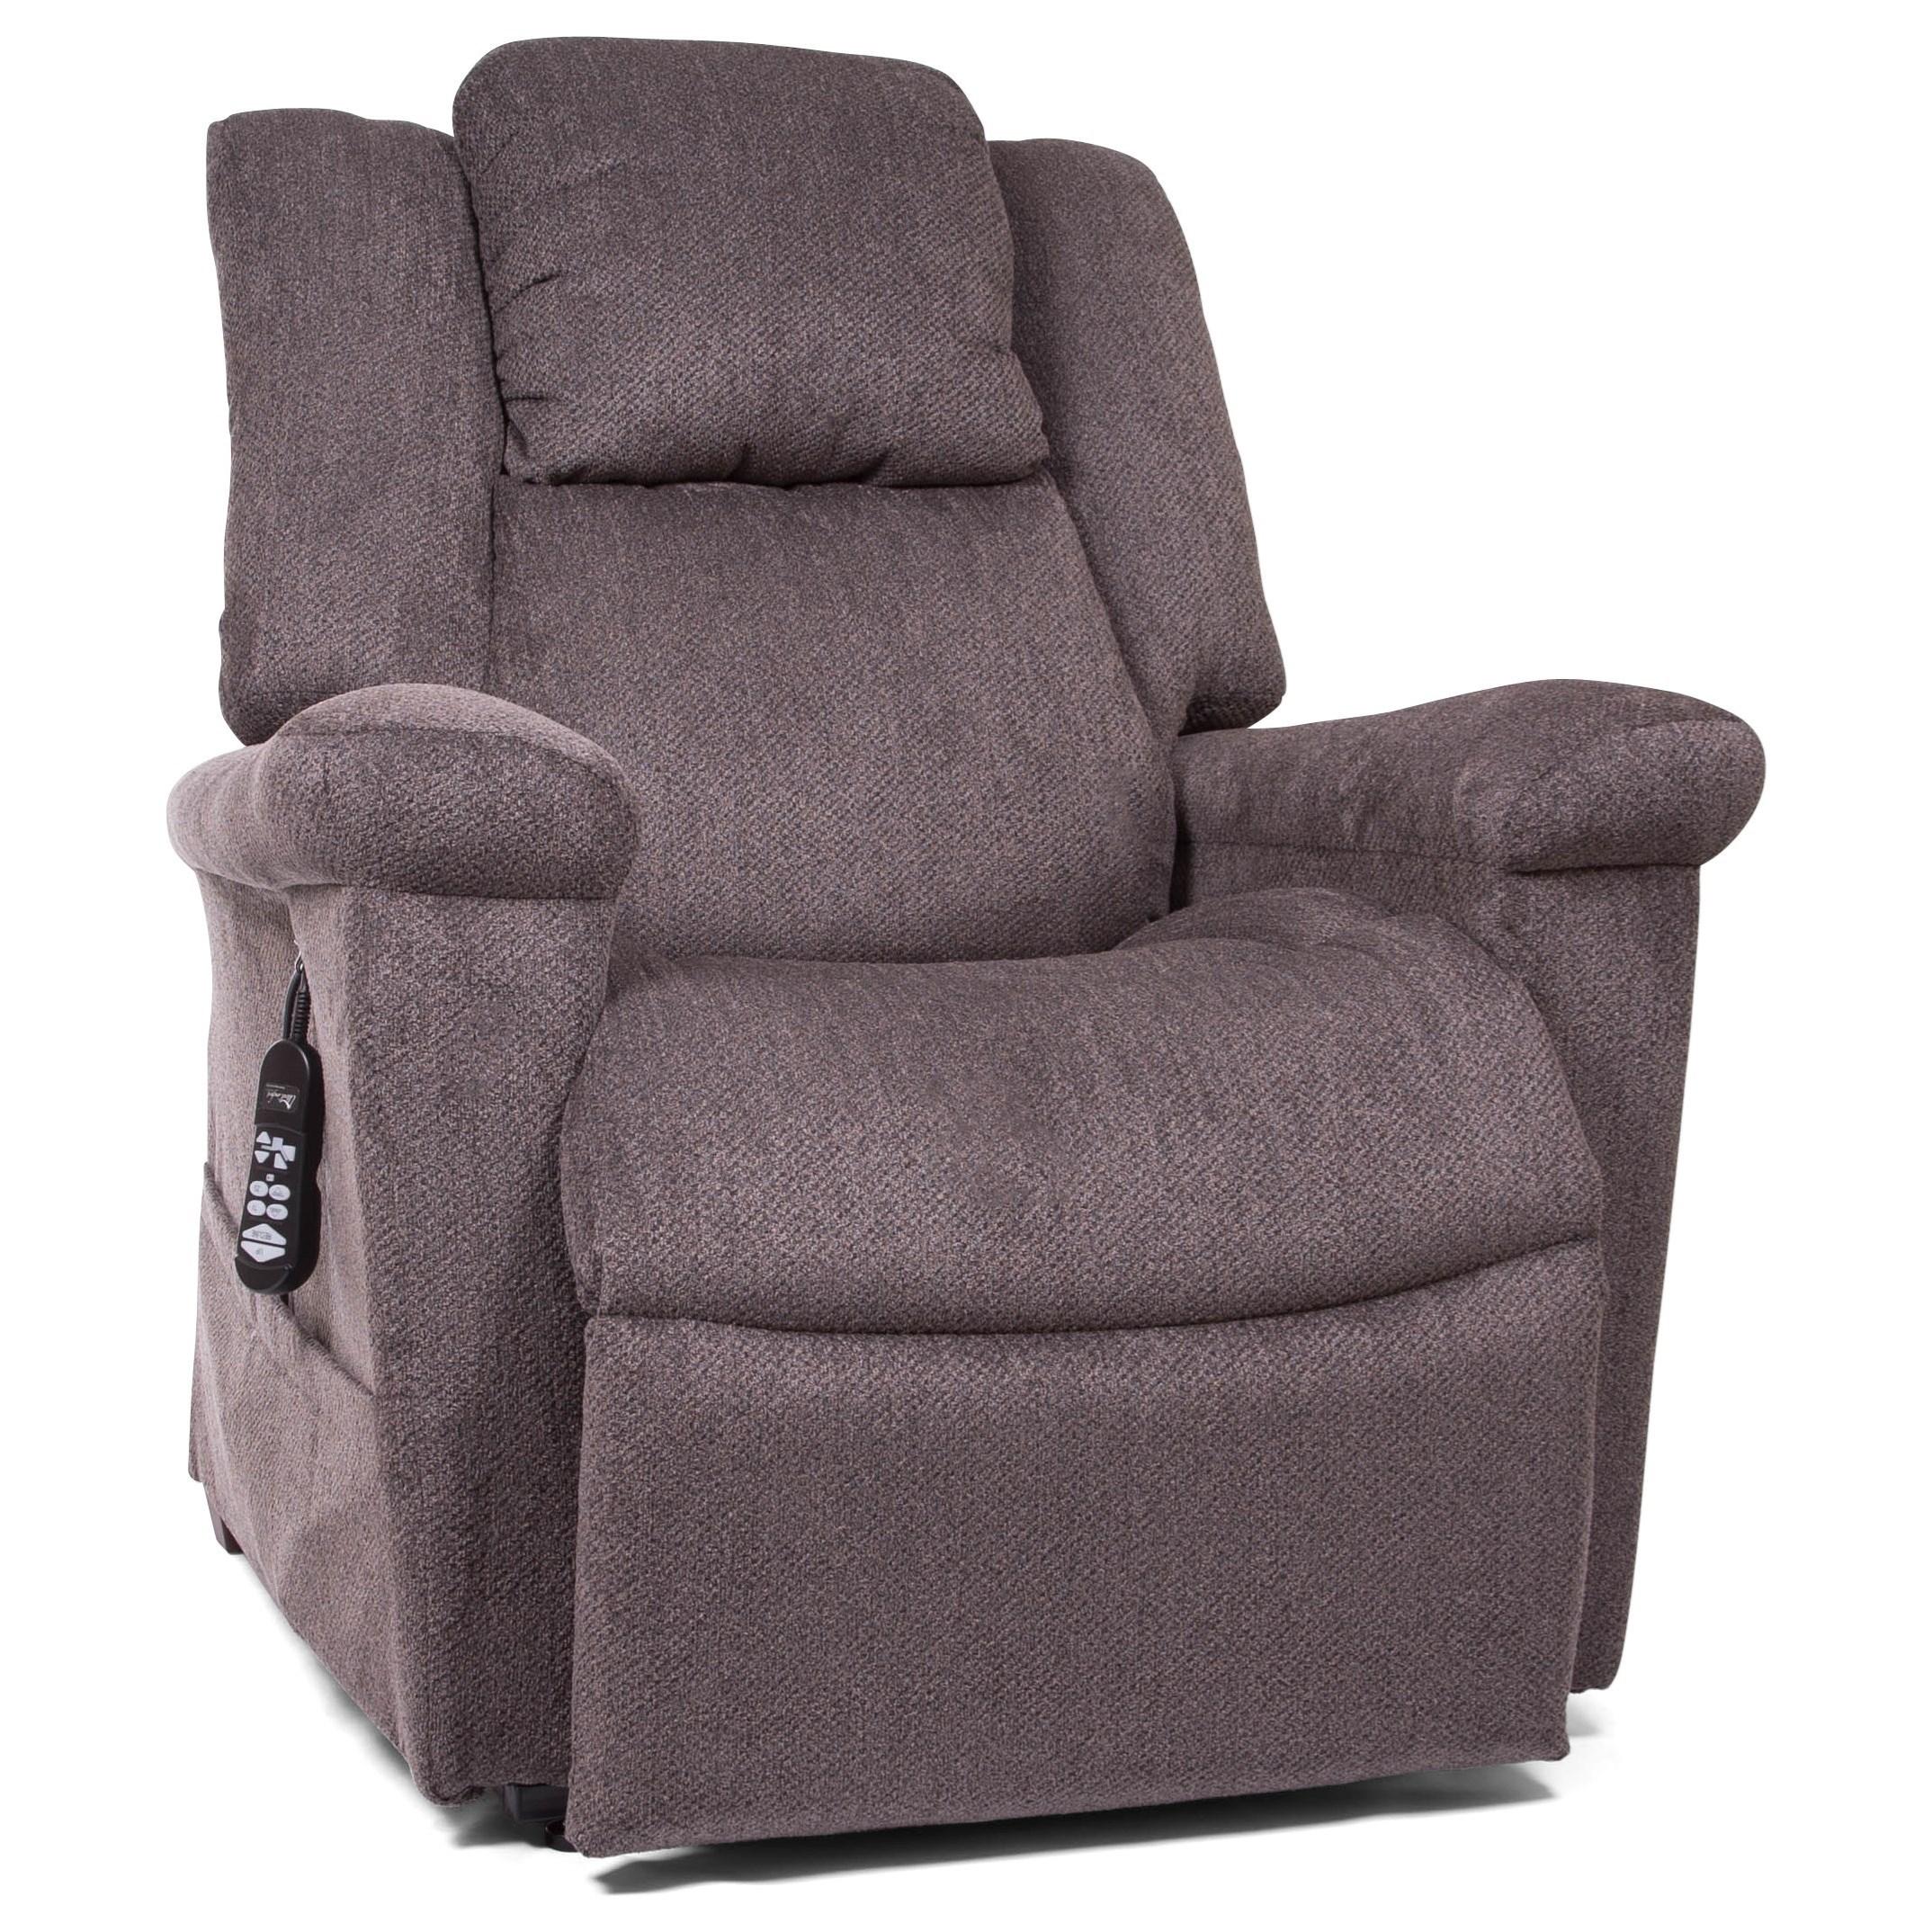 DayDreamer Power Pillow Lift Chair